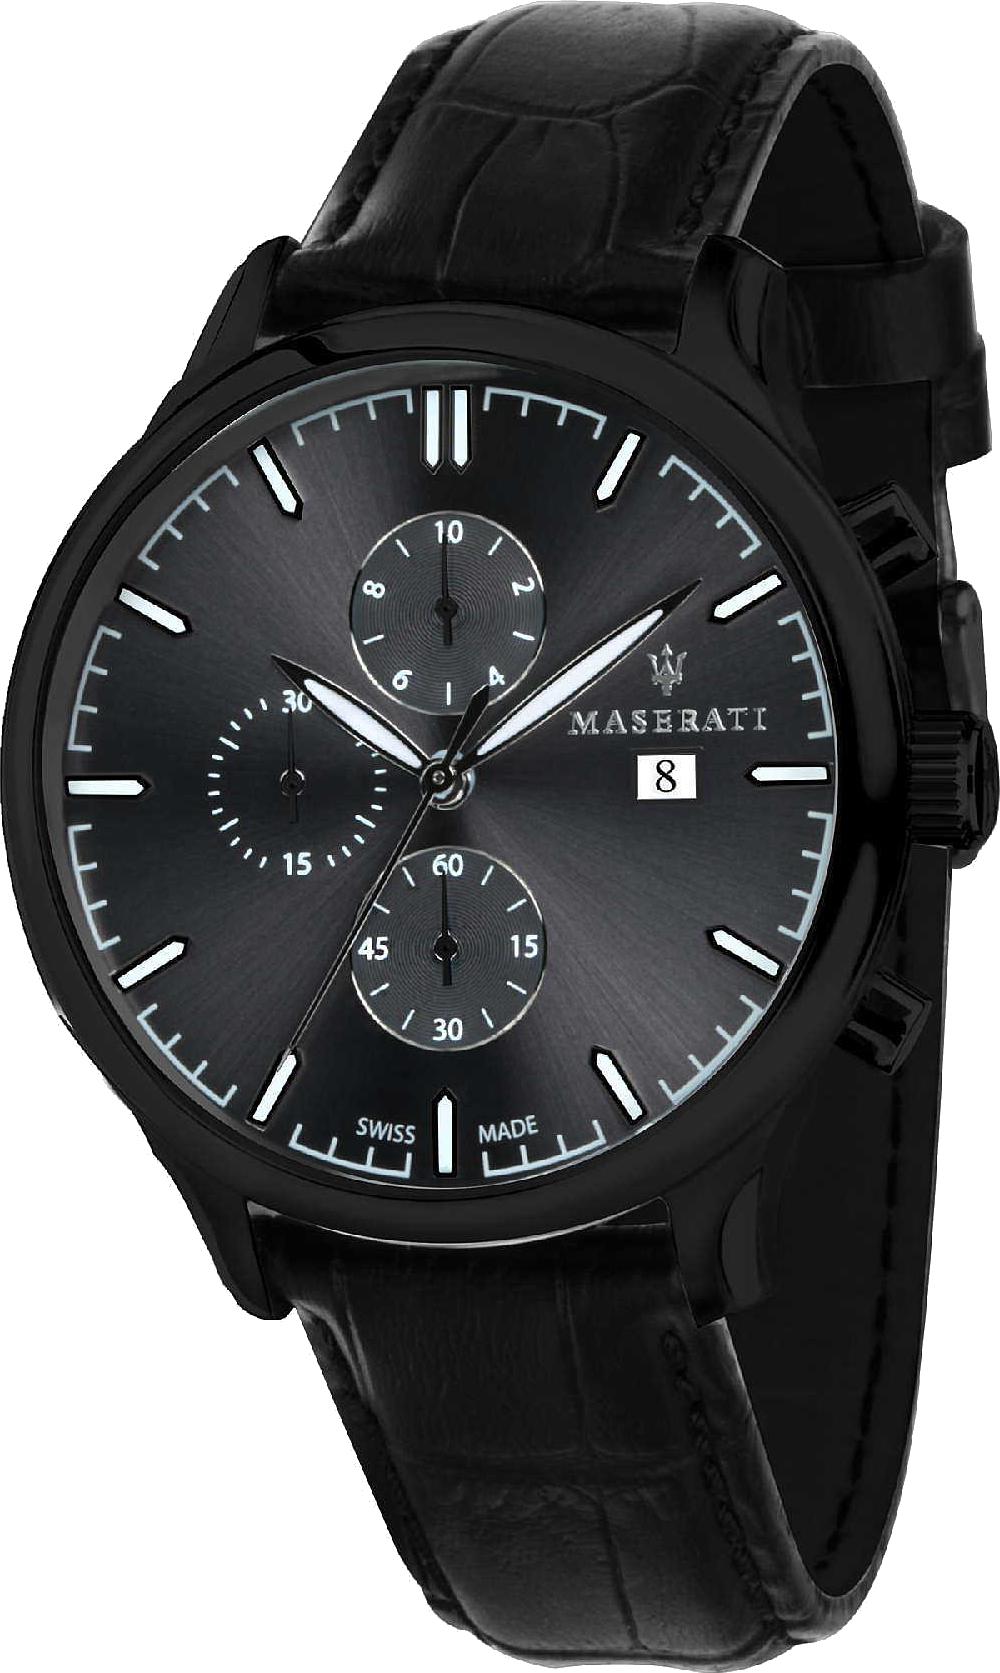 Maserati R8871603001 | Maserati, Karóra és Férfi karórák